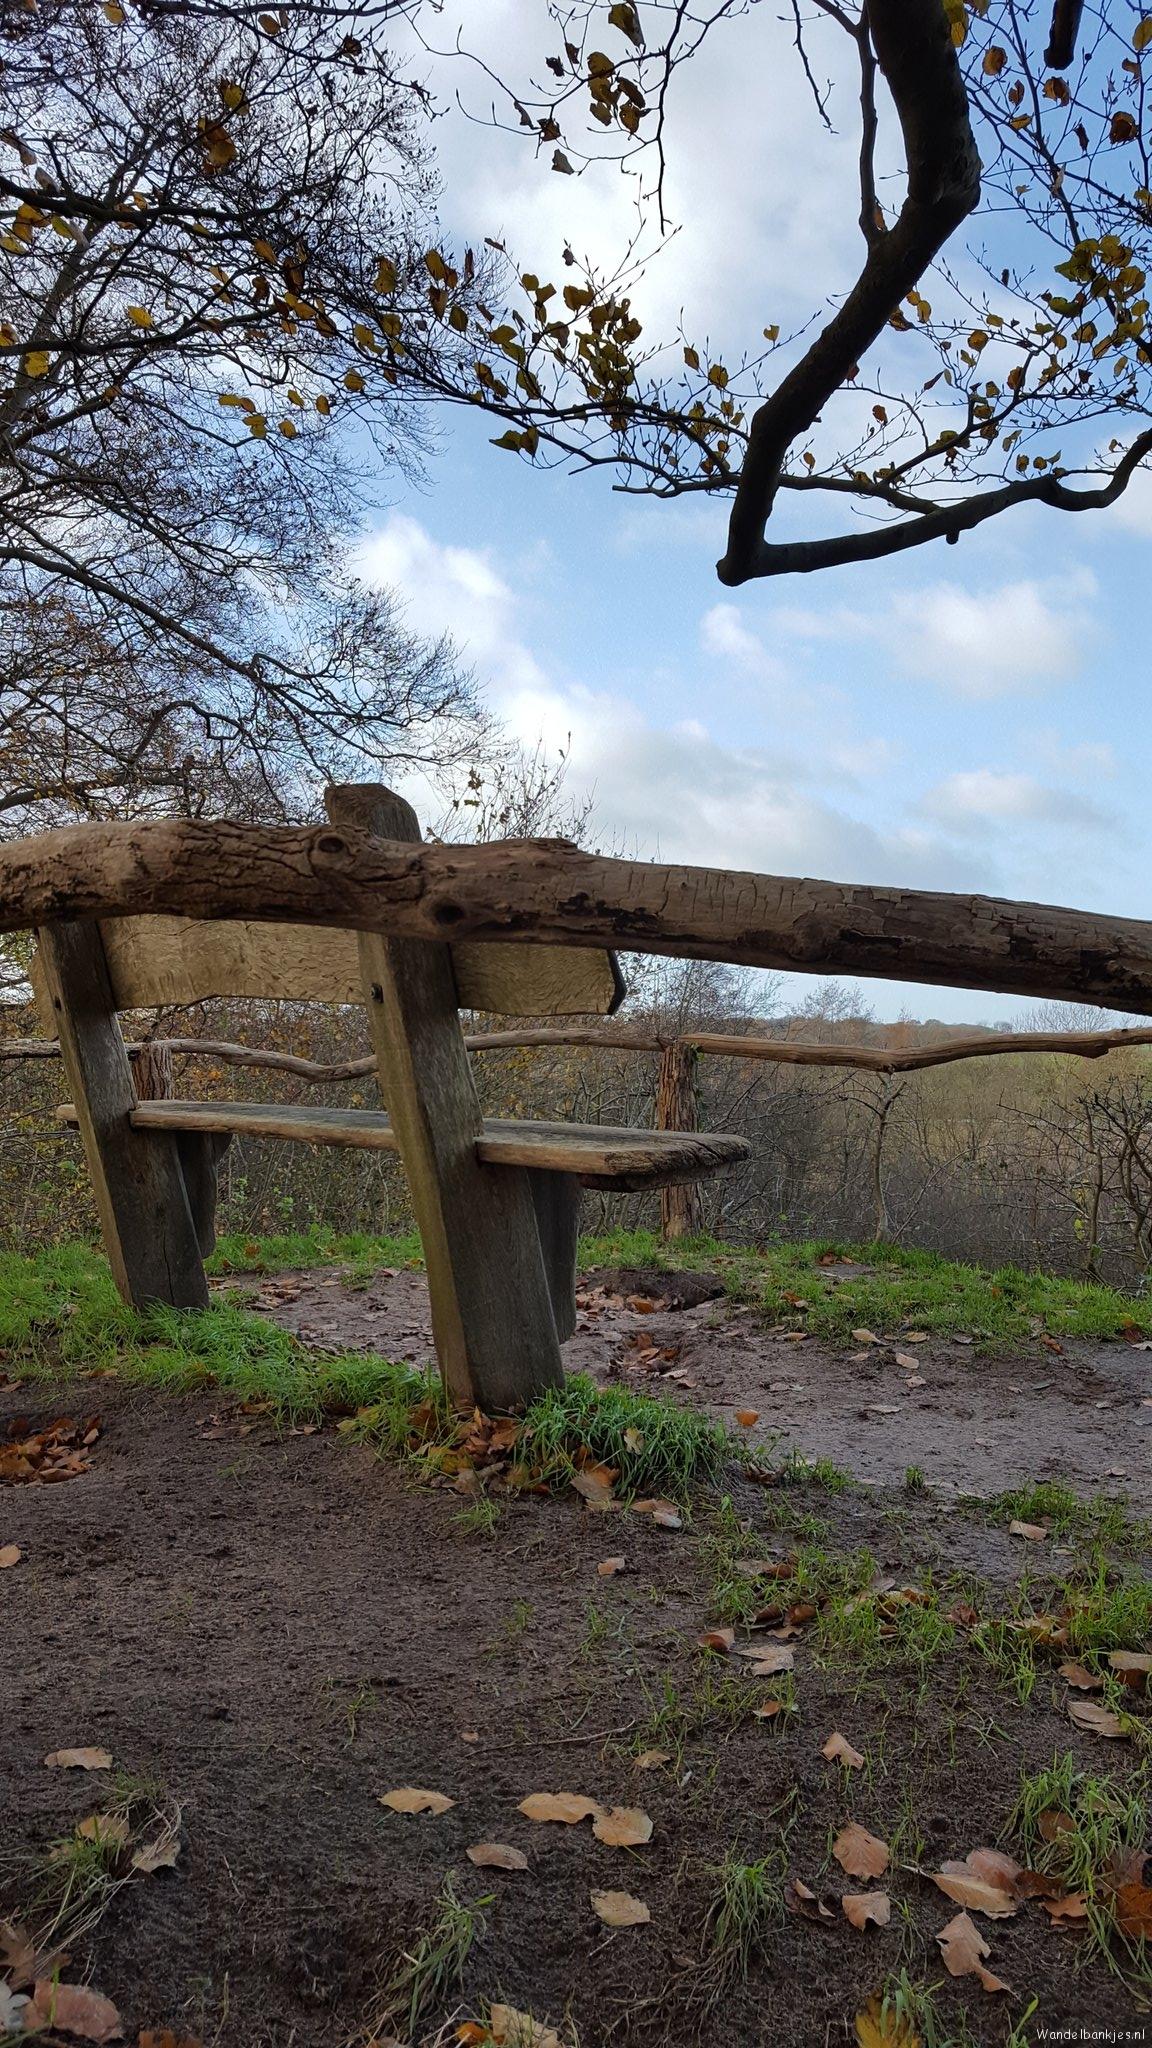 rt-simmajalis-walking-benches-vilsterenbankjesgenoeg -theekoepel-hermitcorkscrew-https-t-co-bgh3s7jbvz